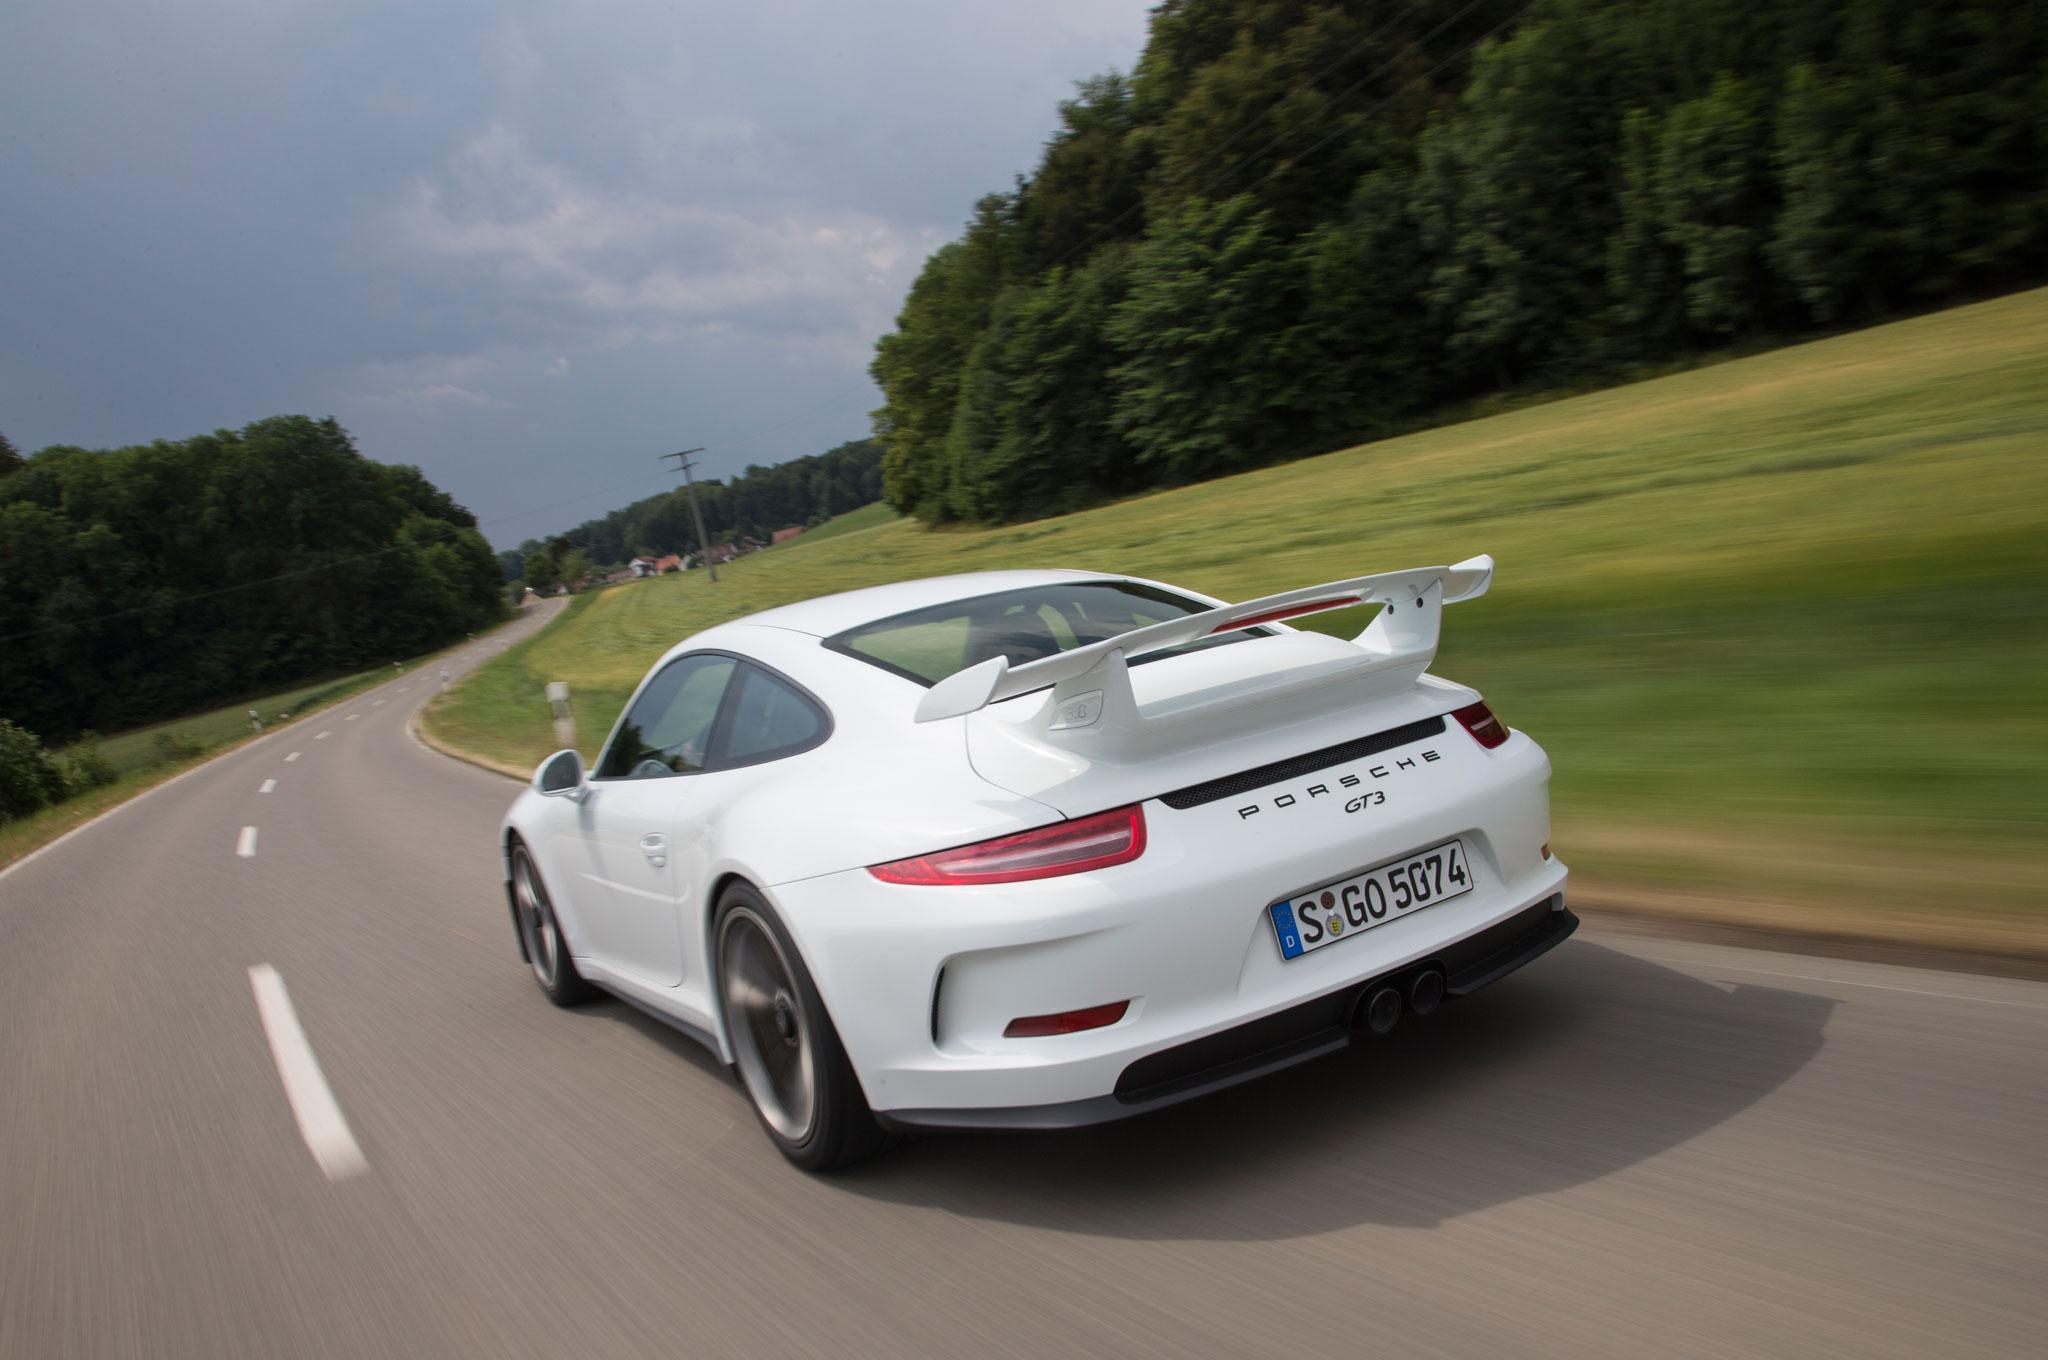 2014 Porsche 911 GT3 Second Drive - Automobile Magazine